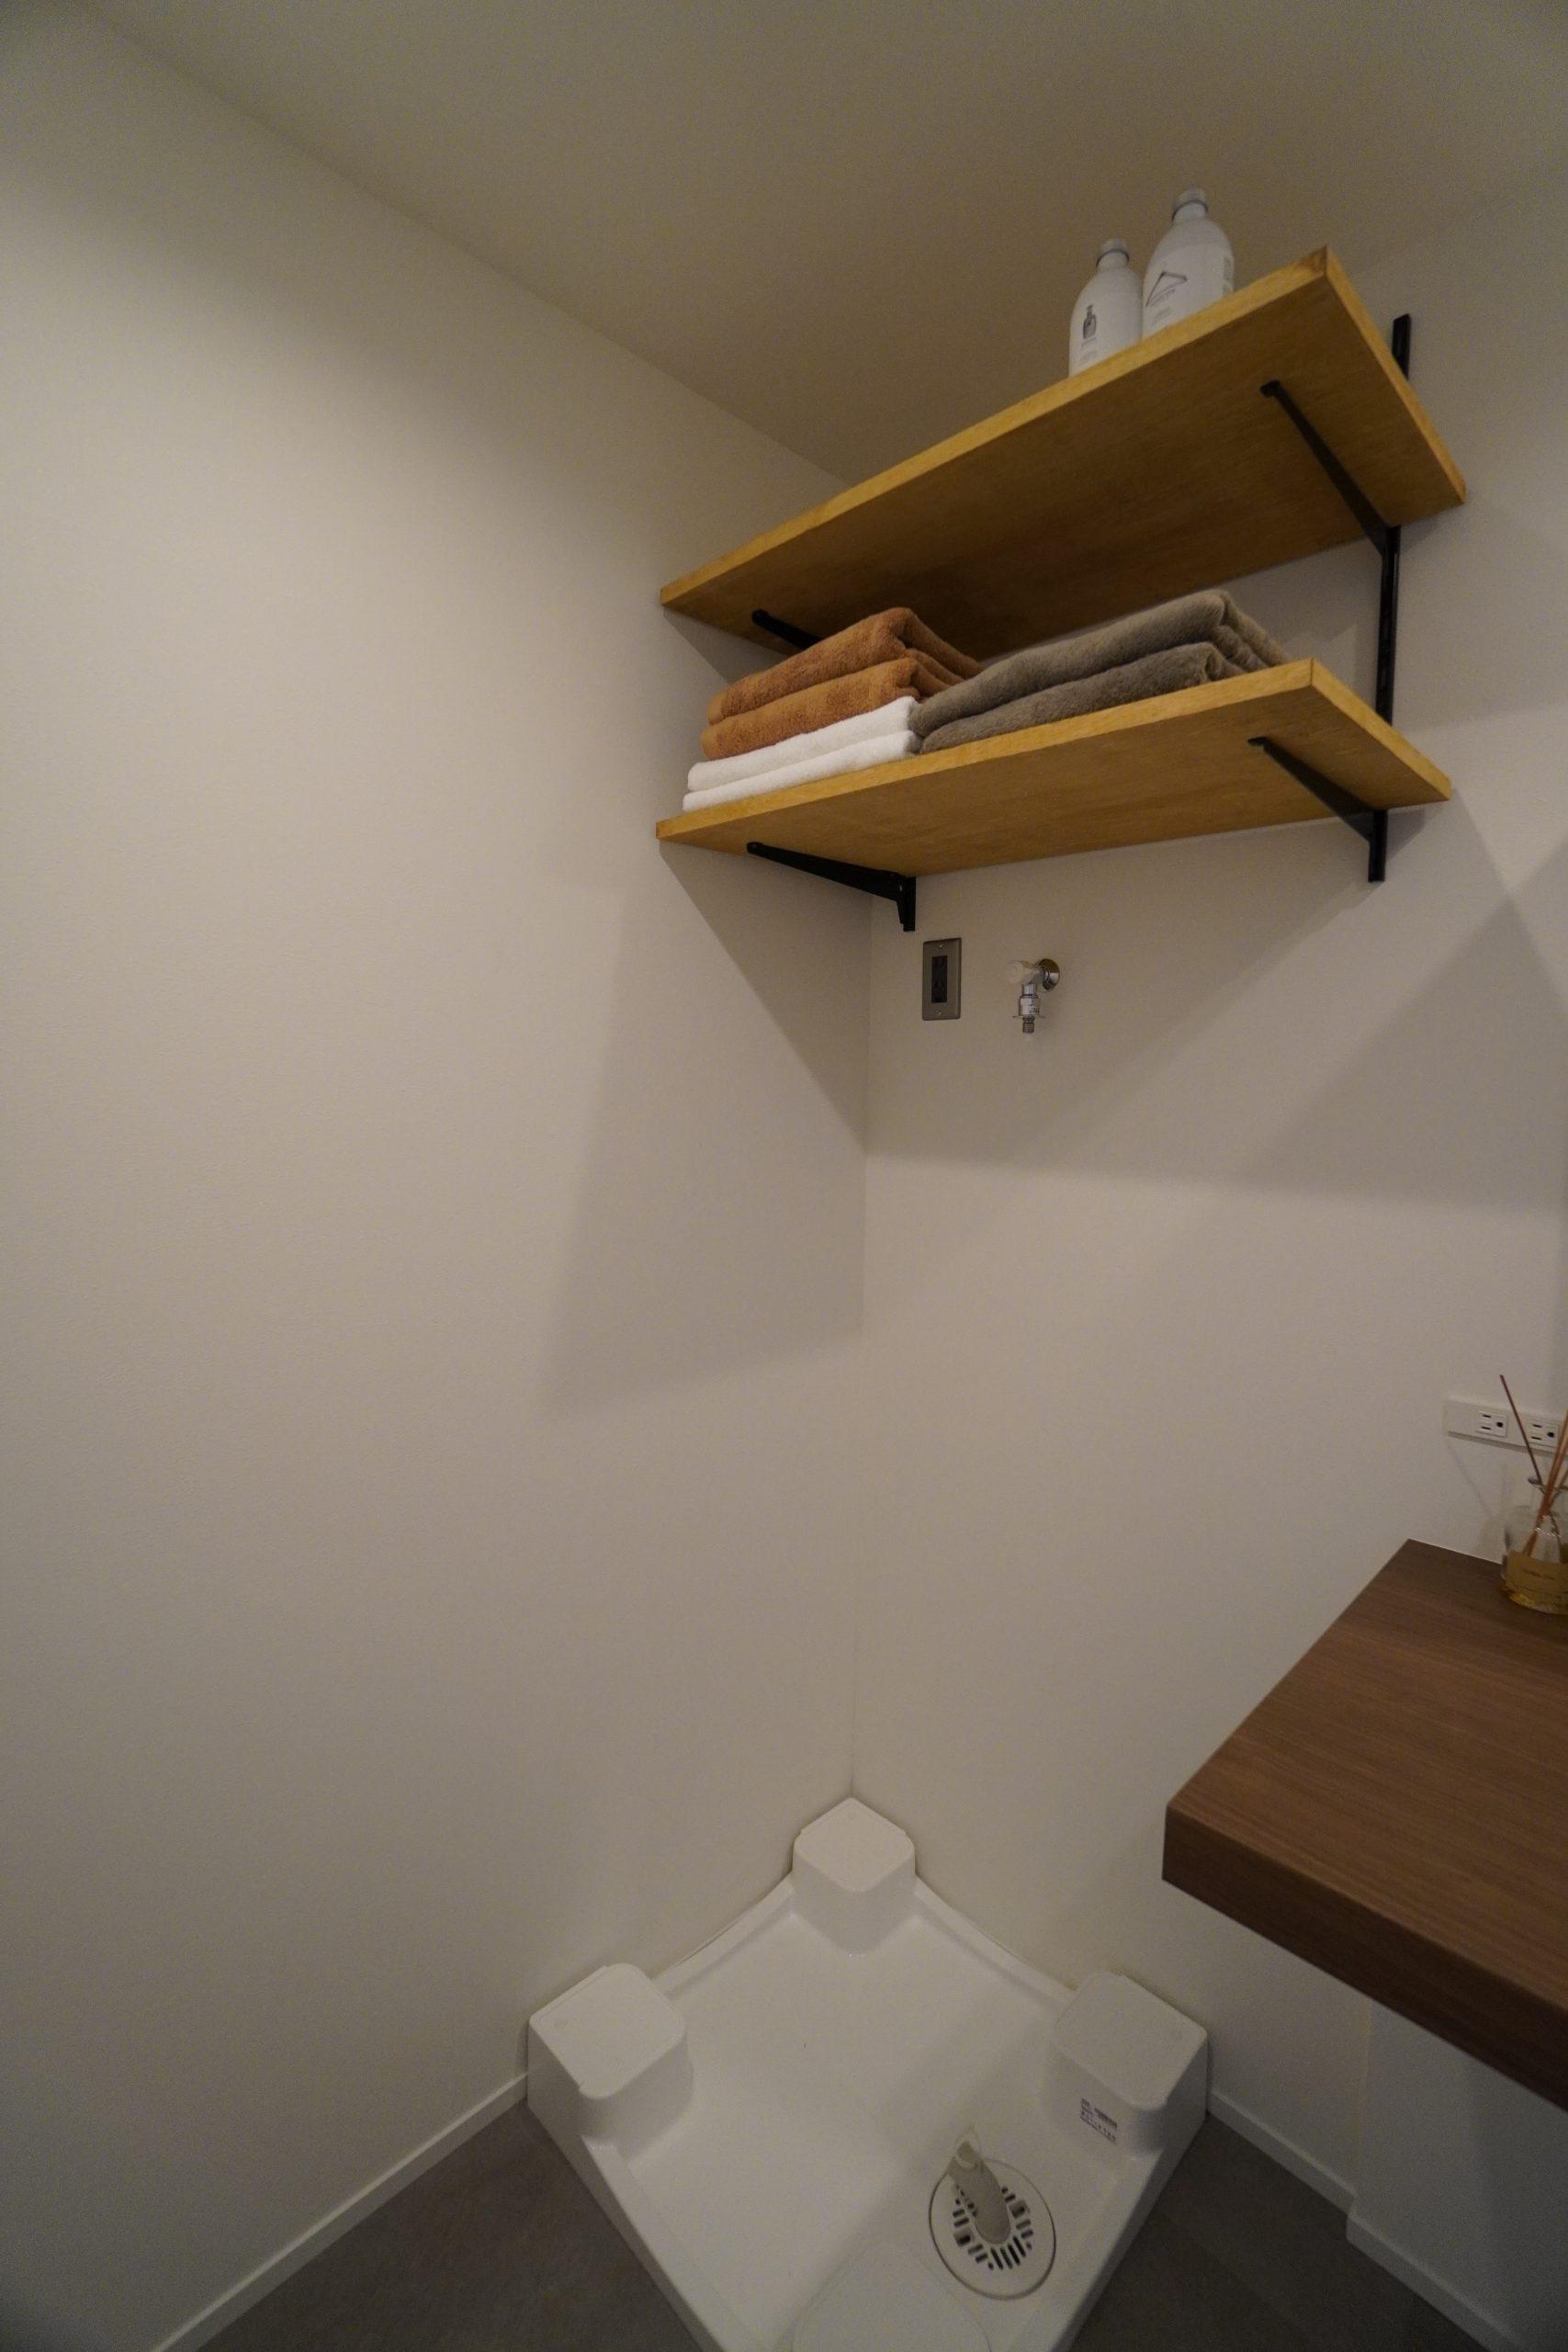 ハラダサンパークマンション恵比寿台の写真12